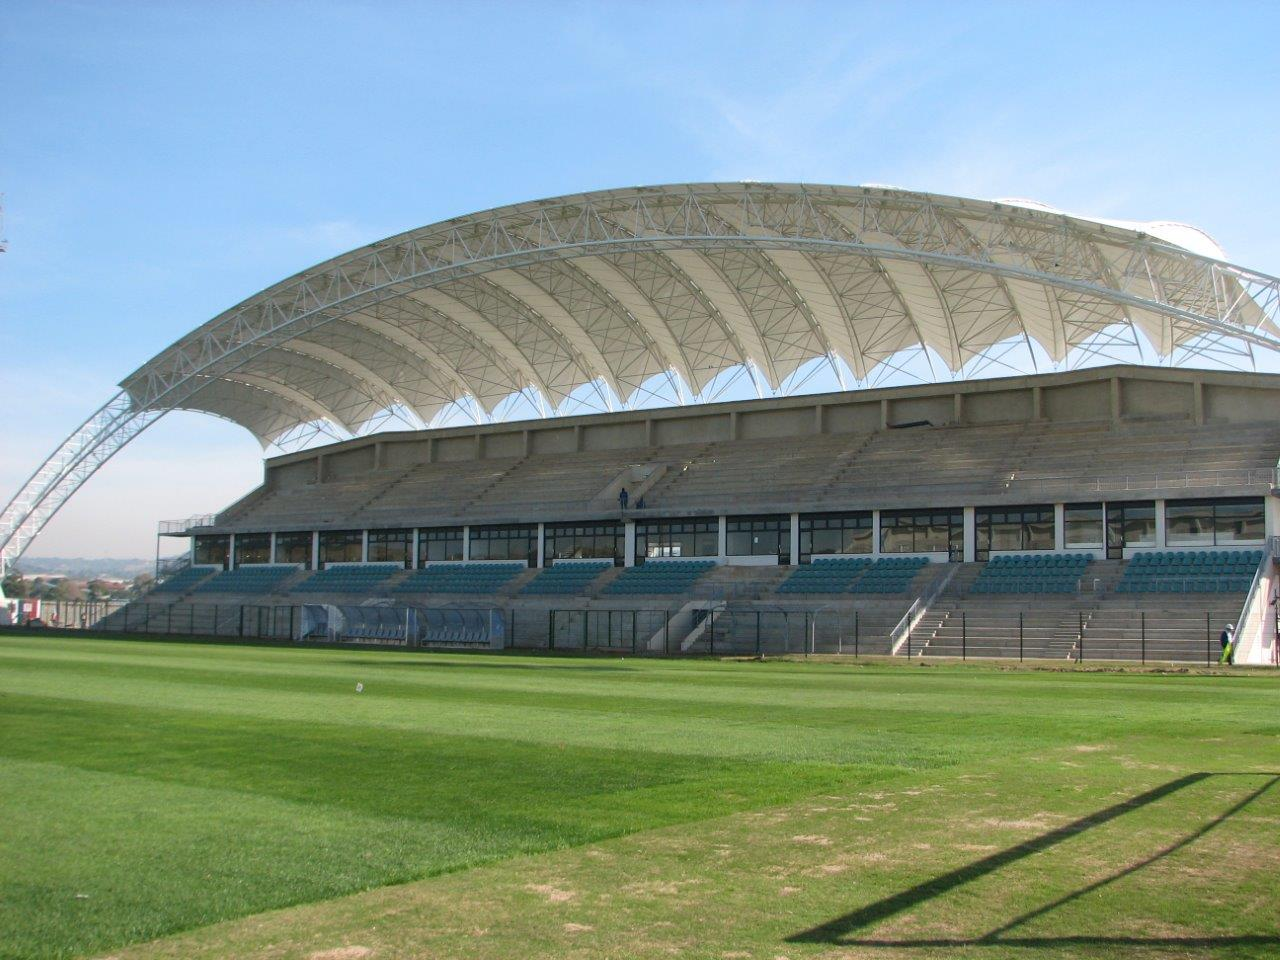 PVDF Tensile Membrane Stadium Shade